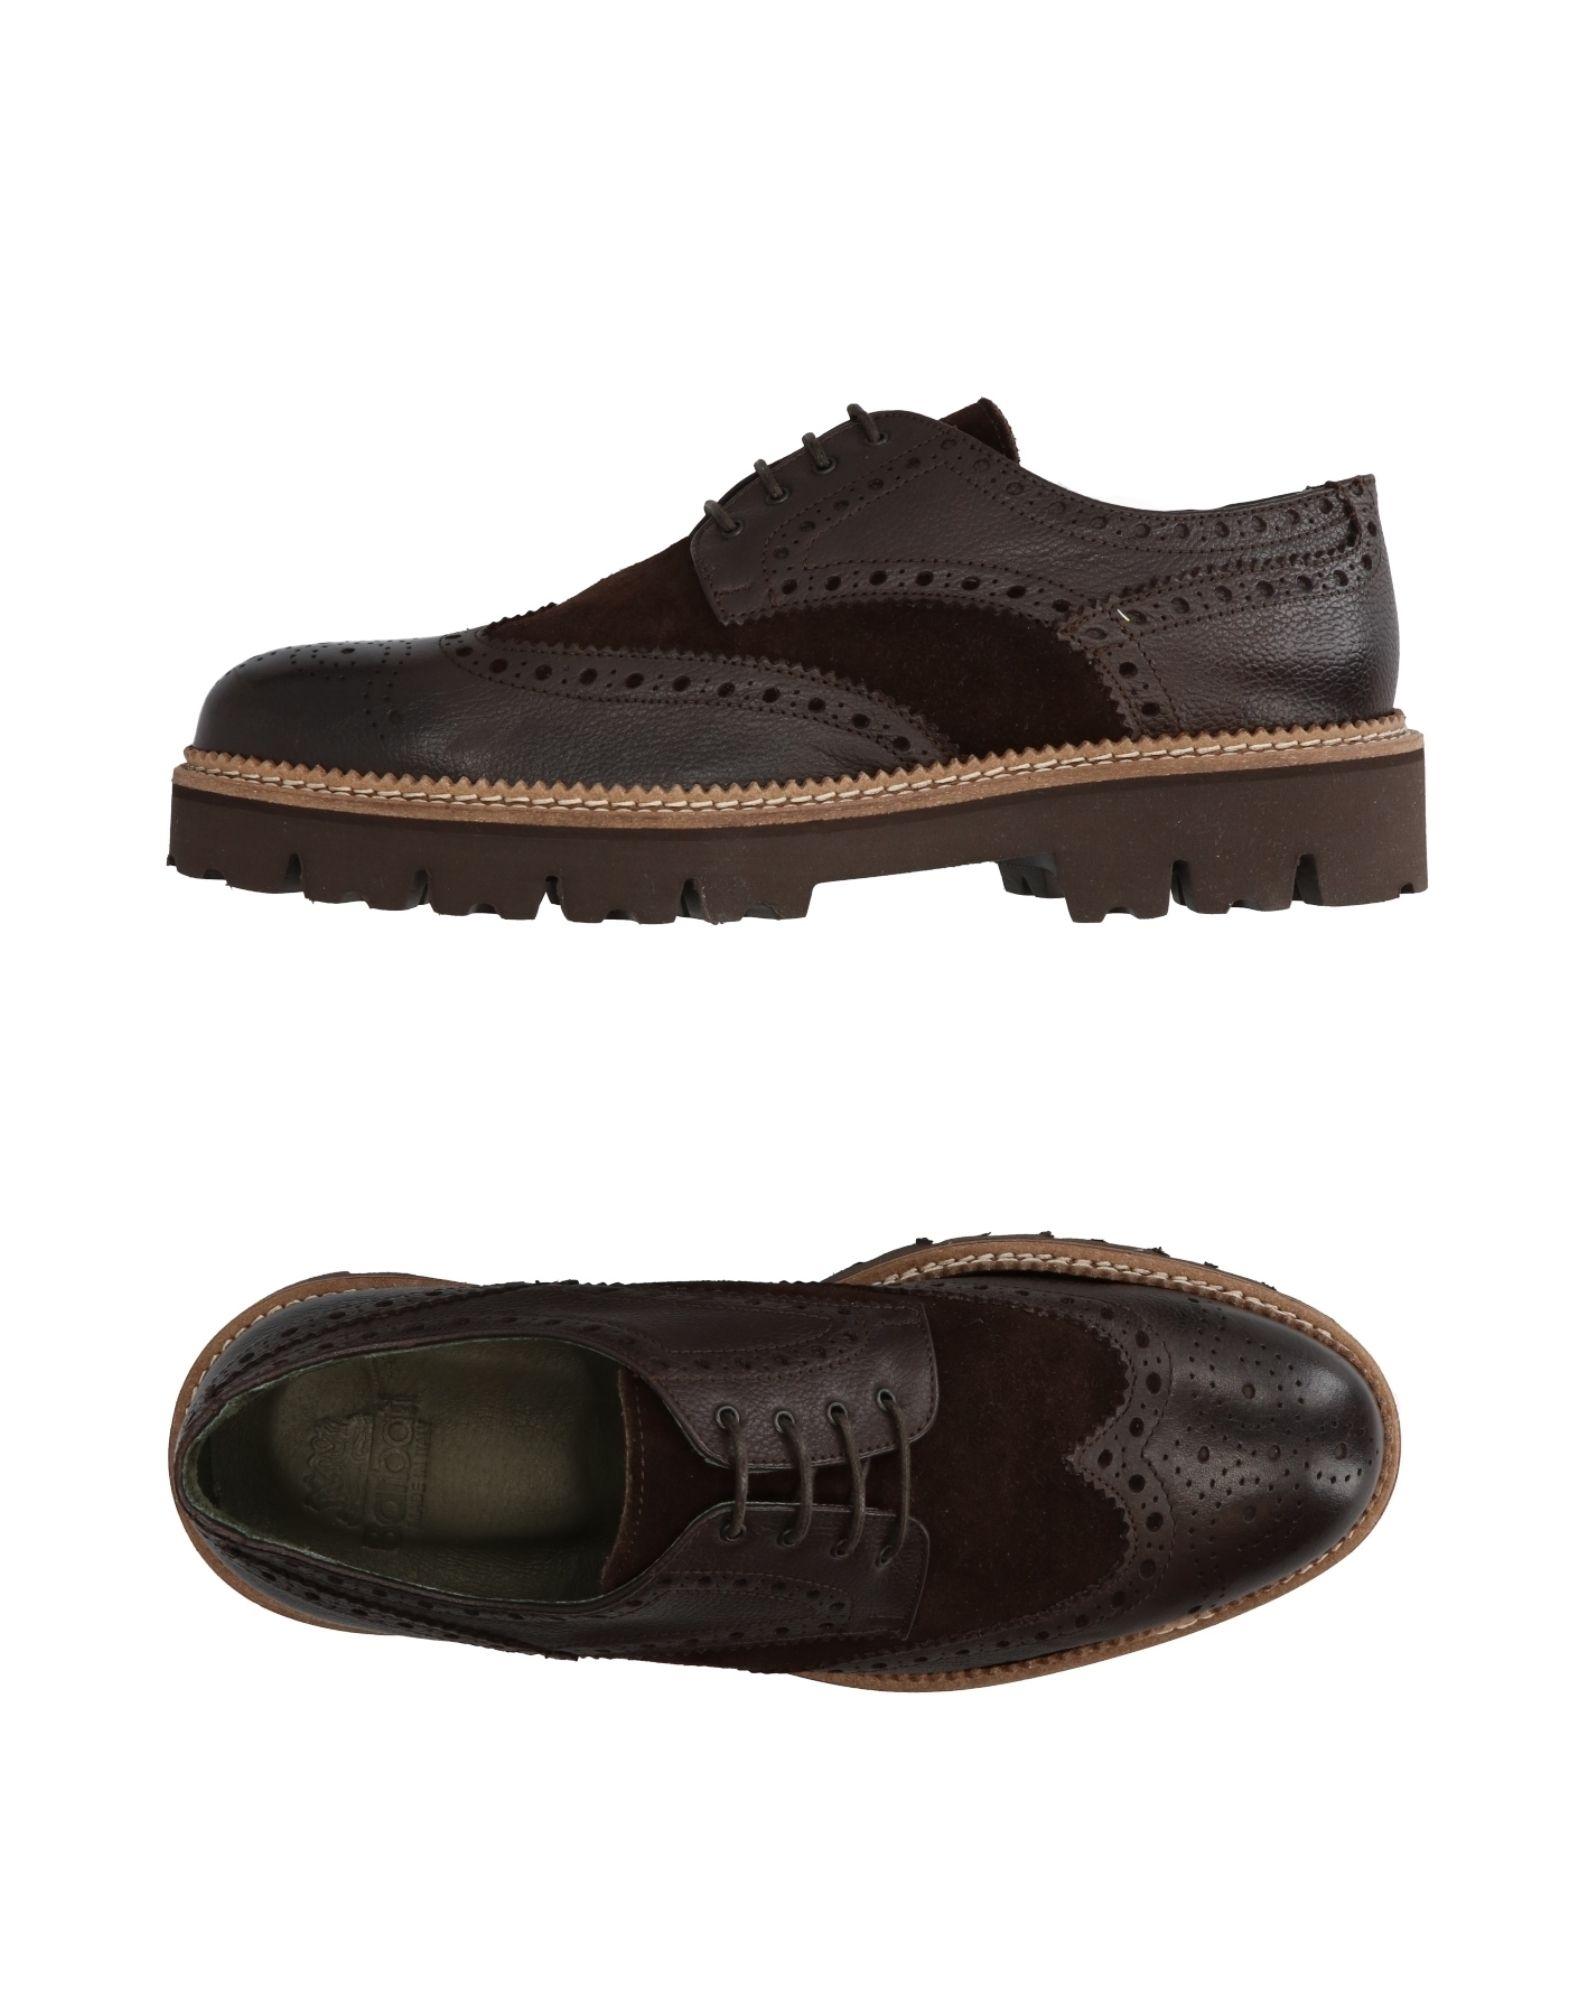 Herren Barbati Schnürschuhe Herren   11299162HK Heiße Schuhe 8bbf8b